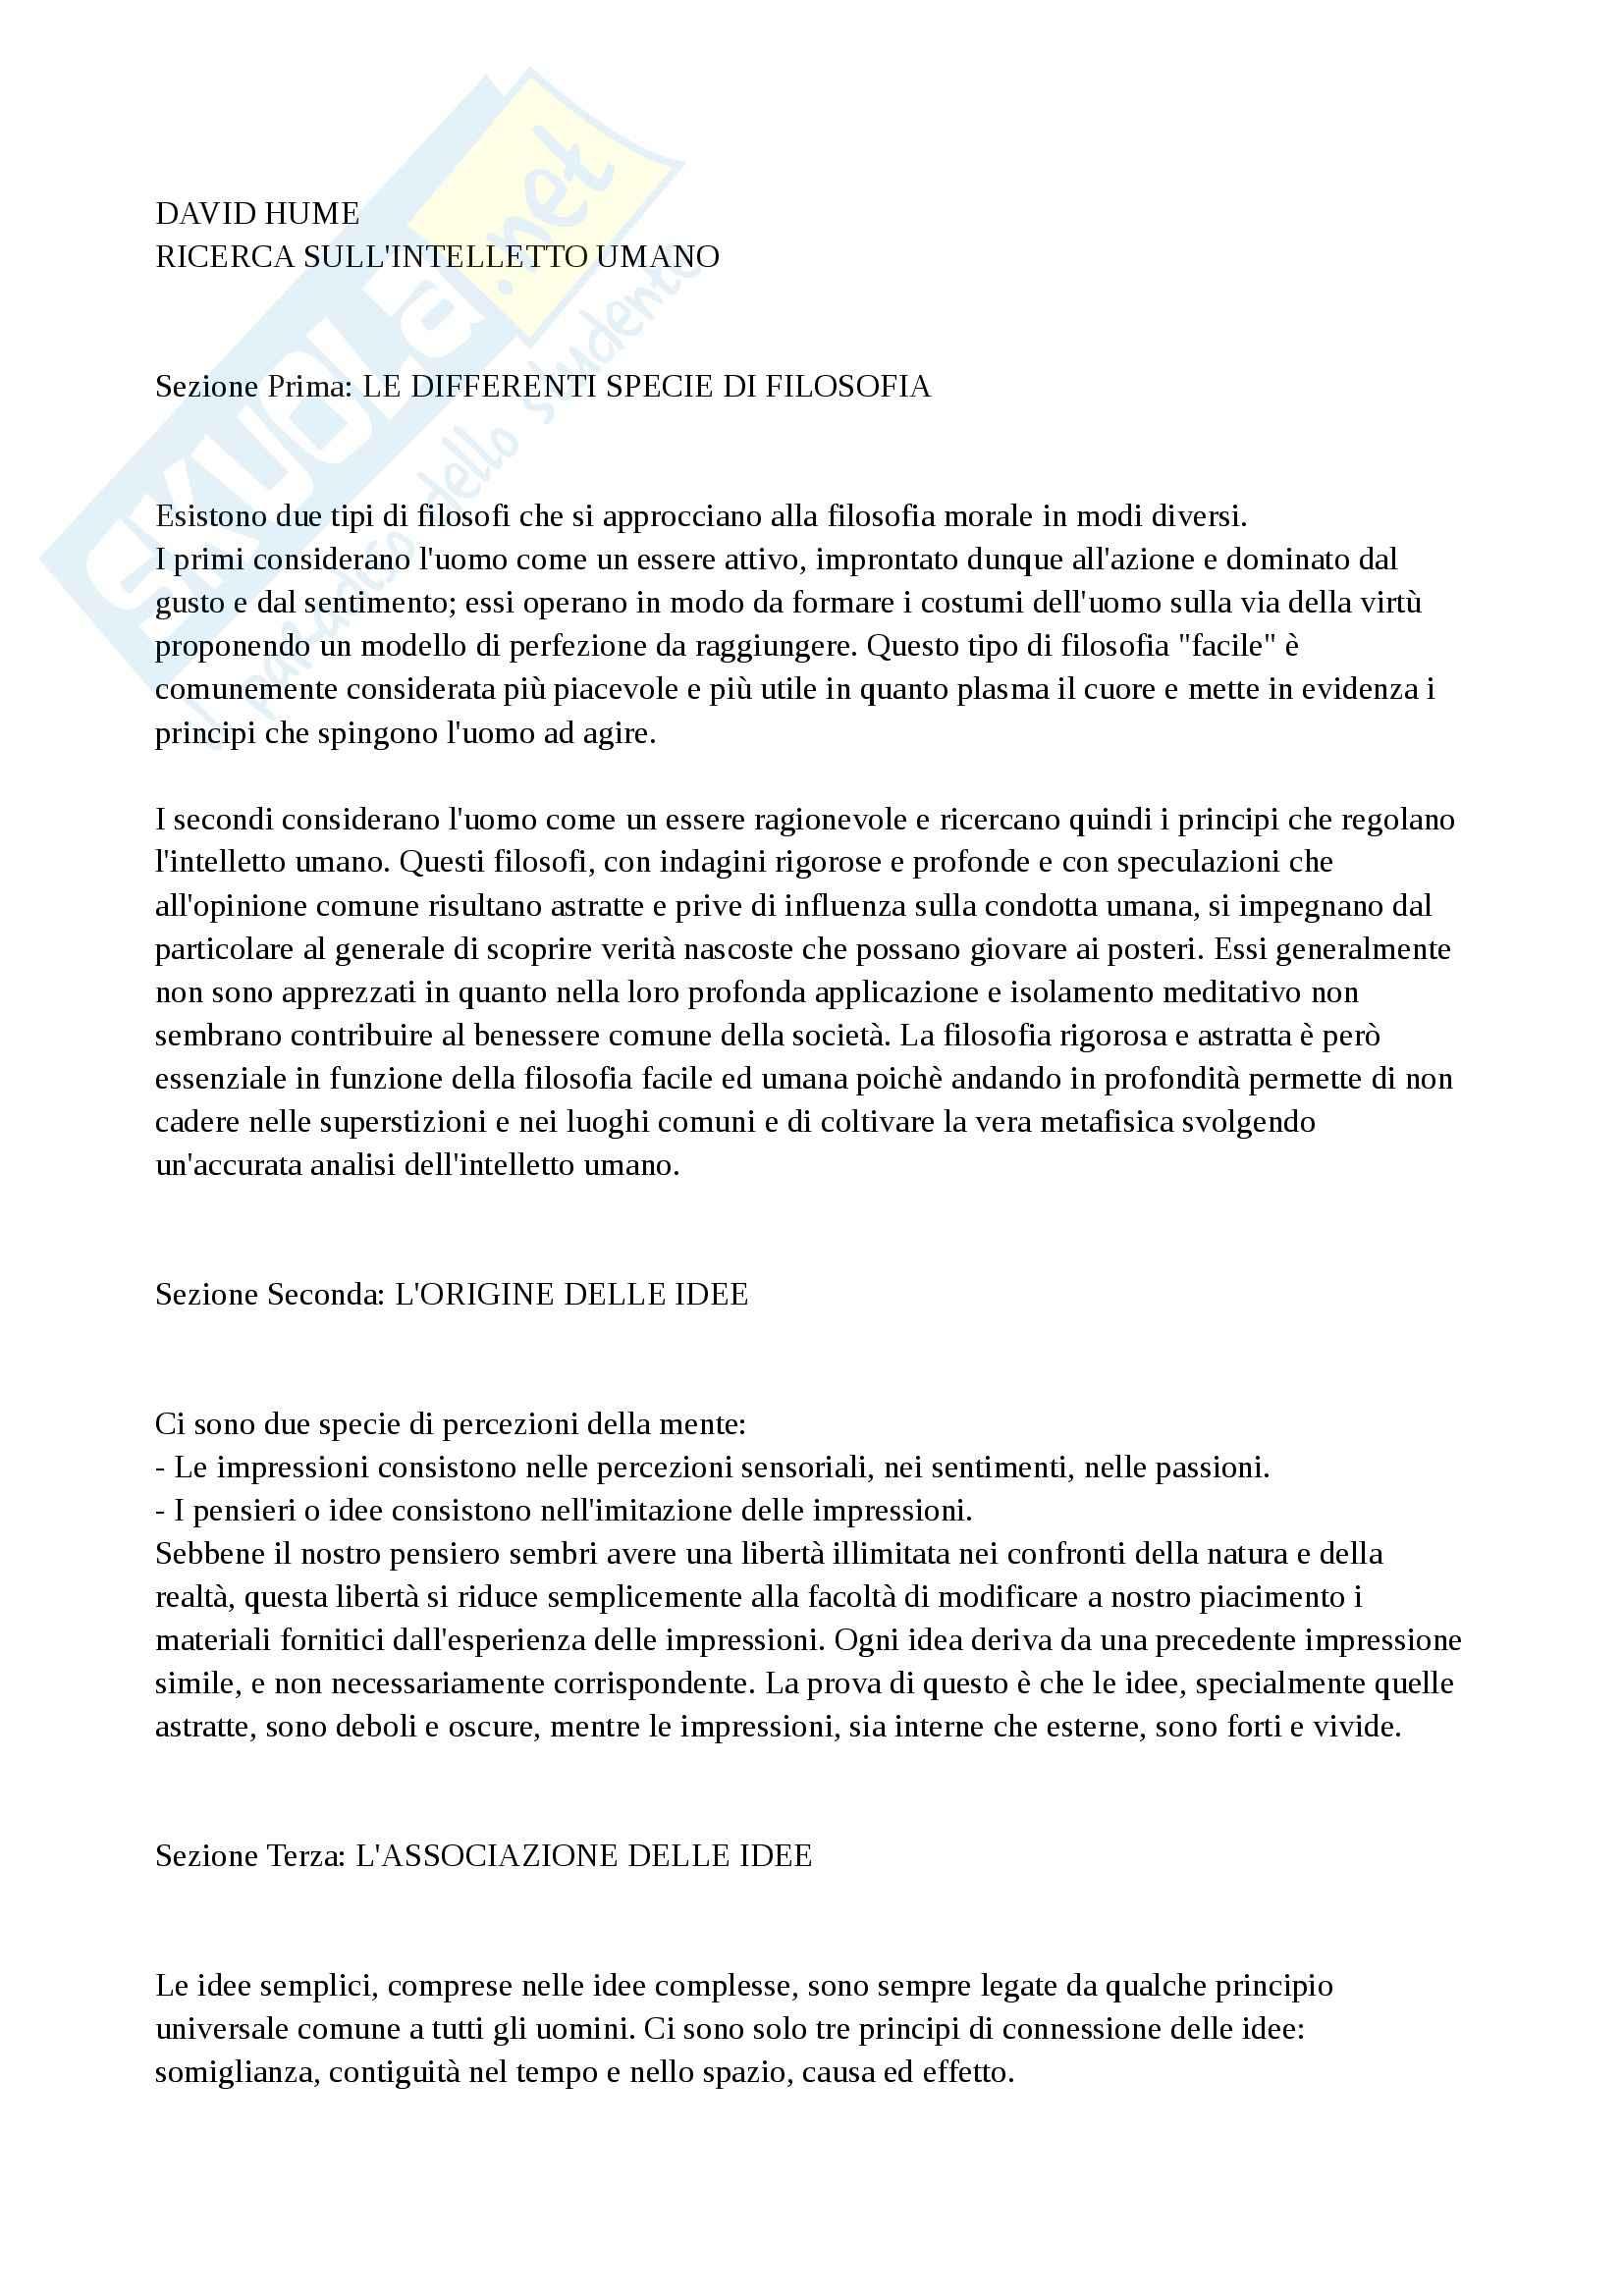 Riassunto esame Storia della filosofia: David Hume e la ricerca sull'intelletto umano, prof. Martinelli